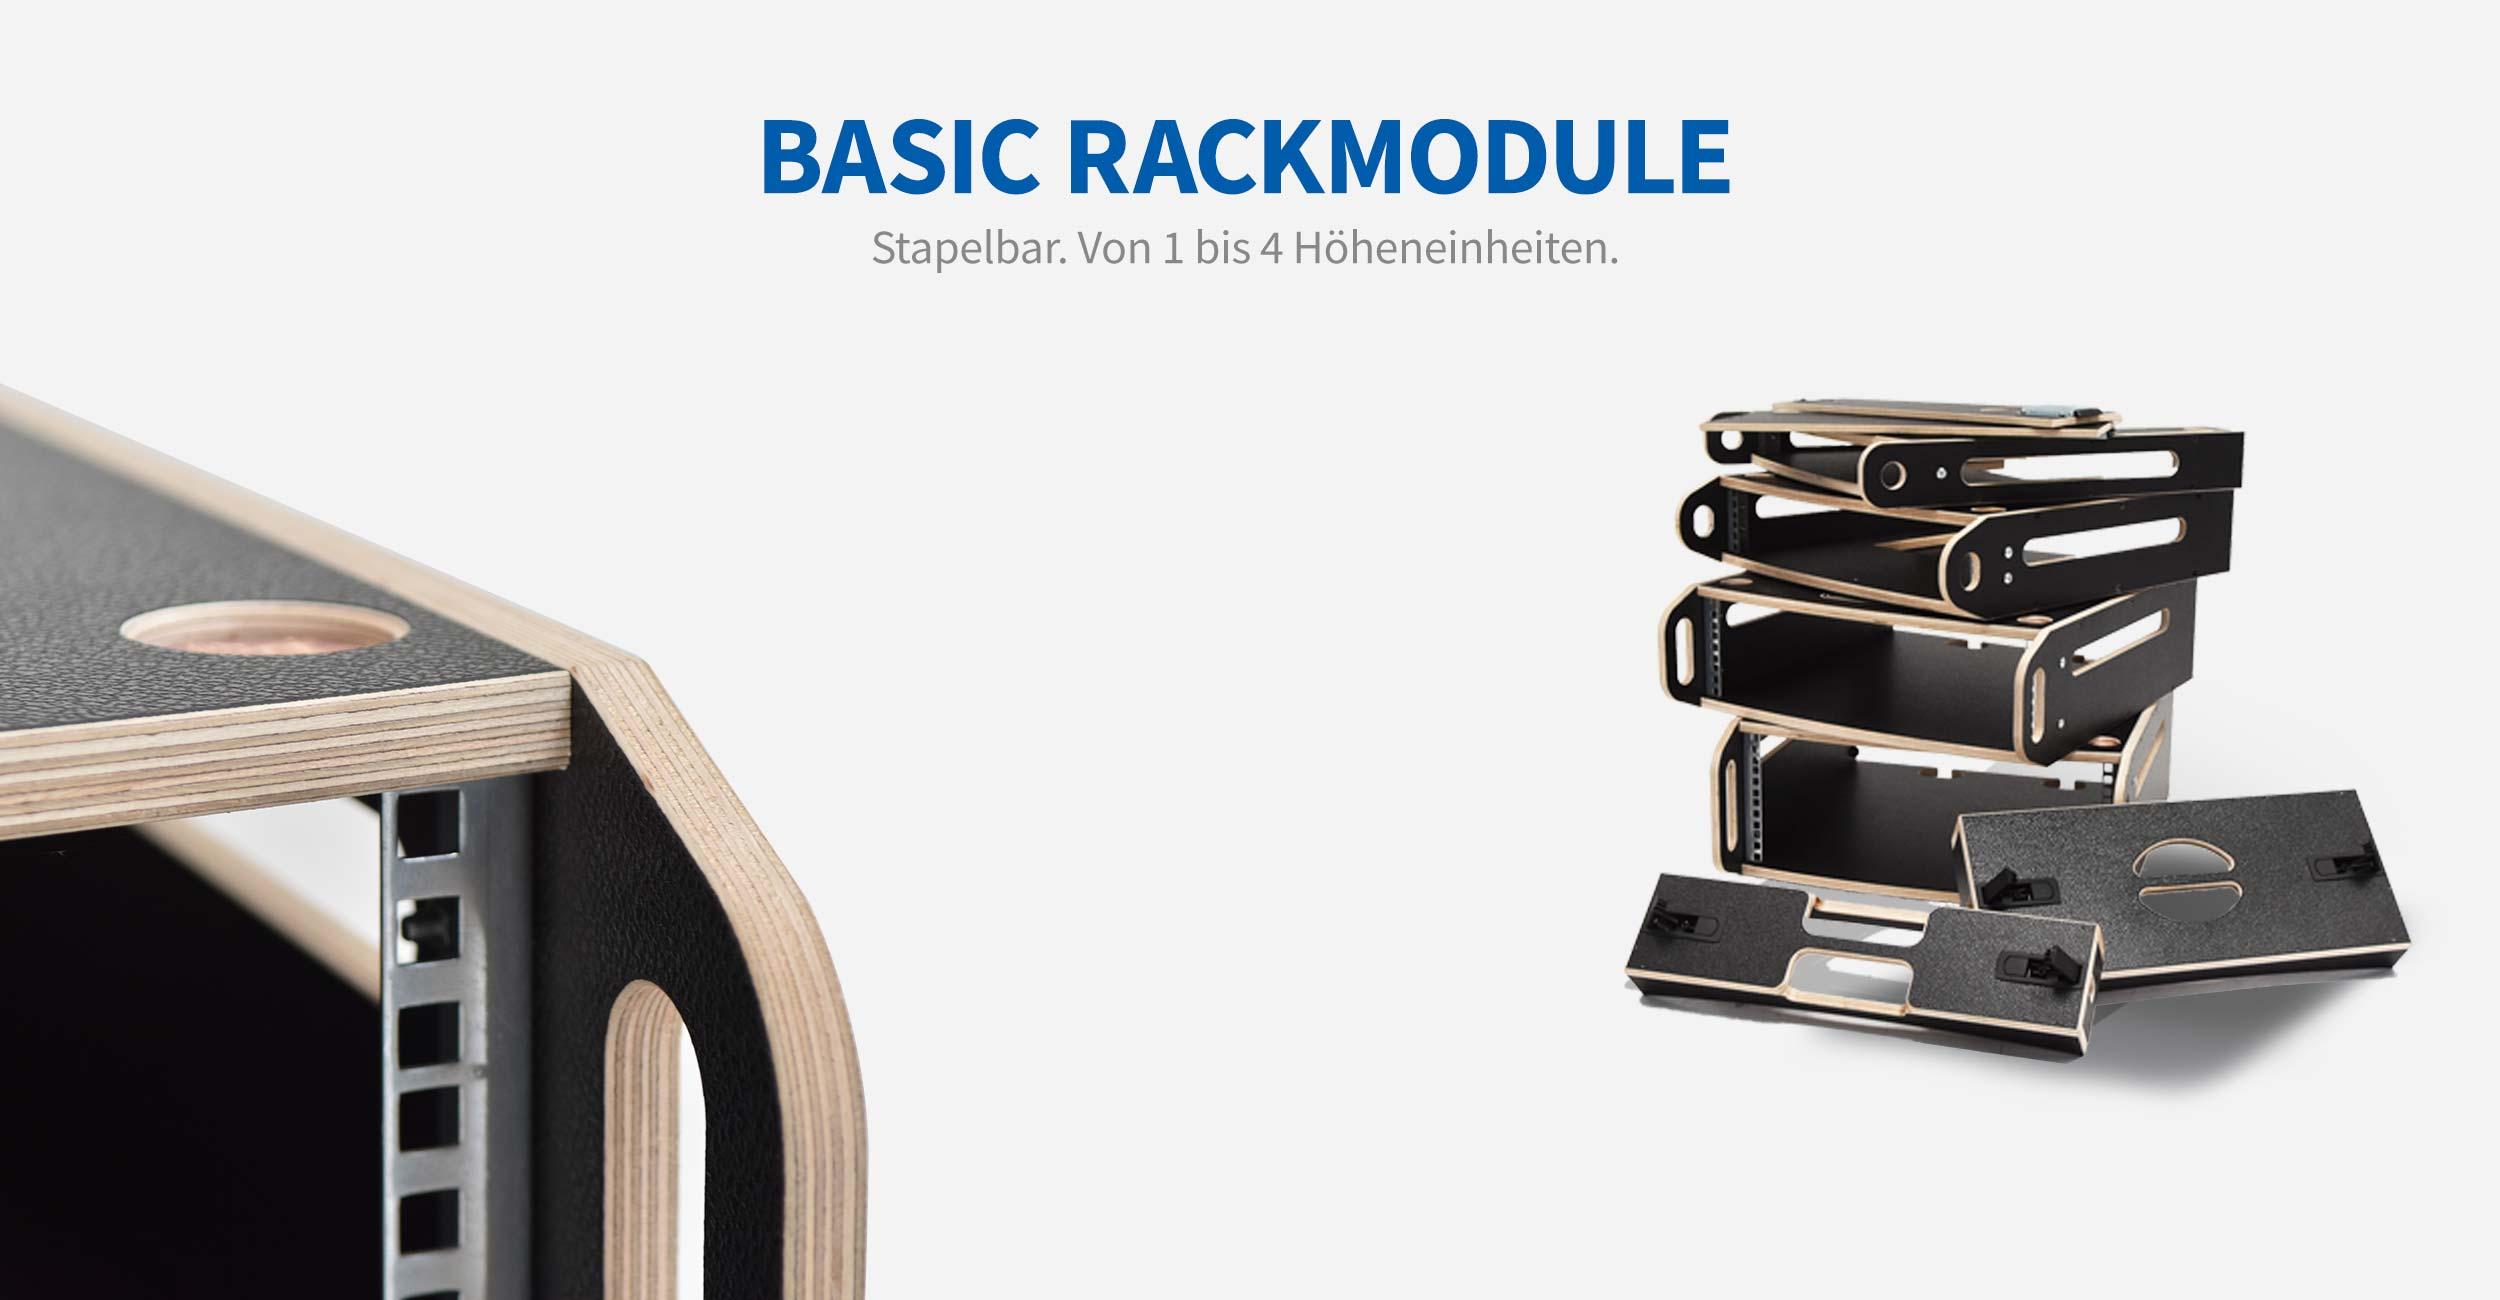 Basic Rack Module. Kombinieren Sie ihre Rack Module ganz Flexibel. Von 1 bis 4 Höheneinheiten.